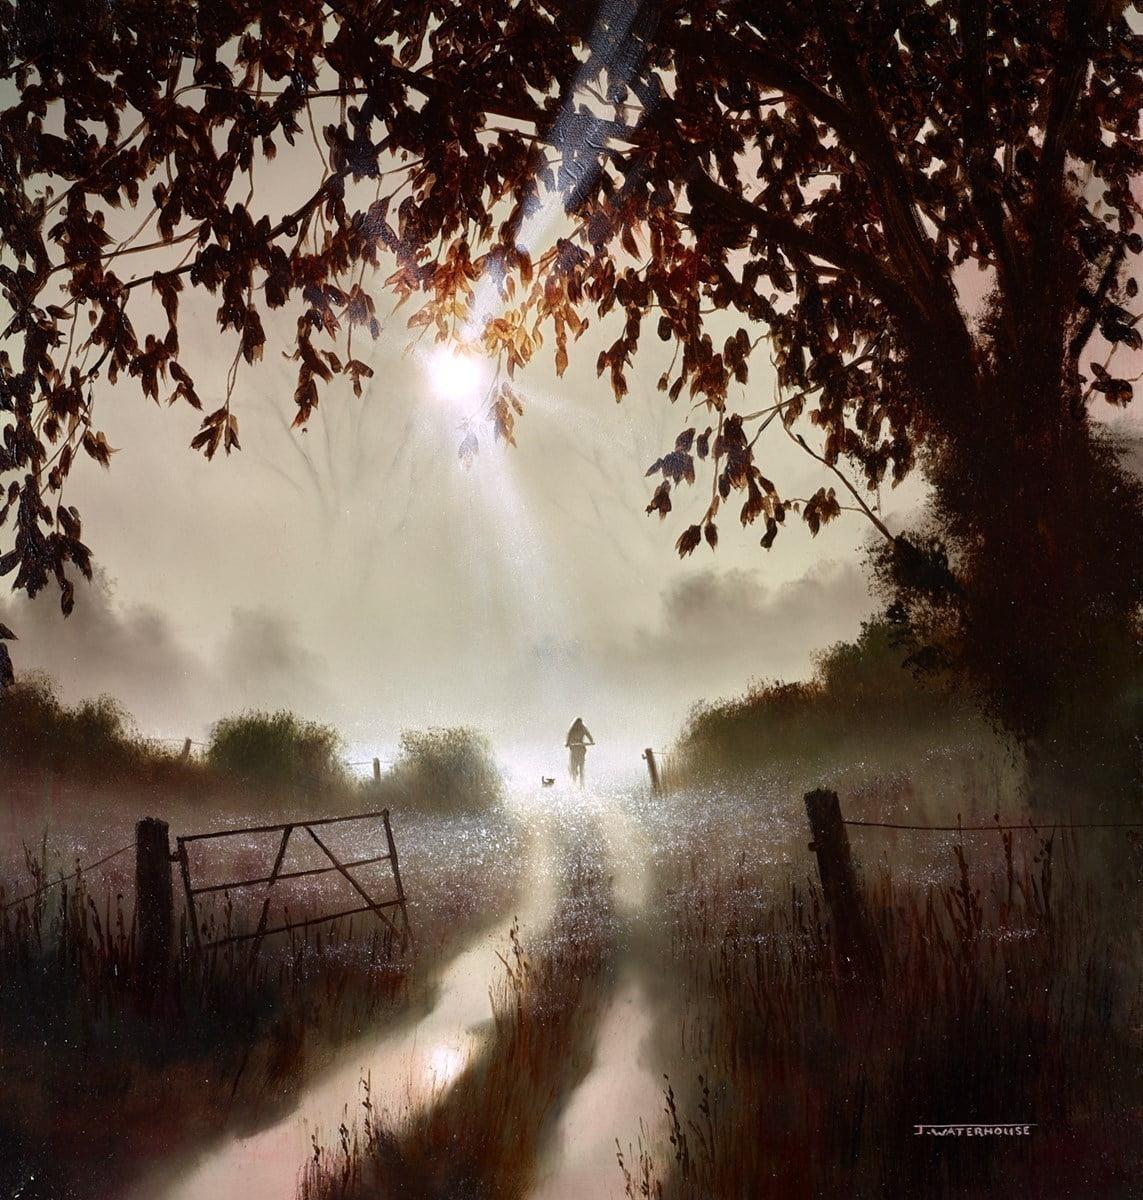 Moonlight Bike Ride ~ John Waterhouse